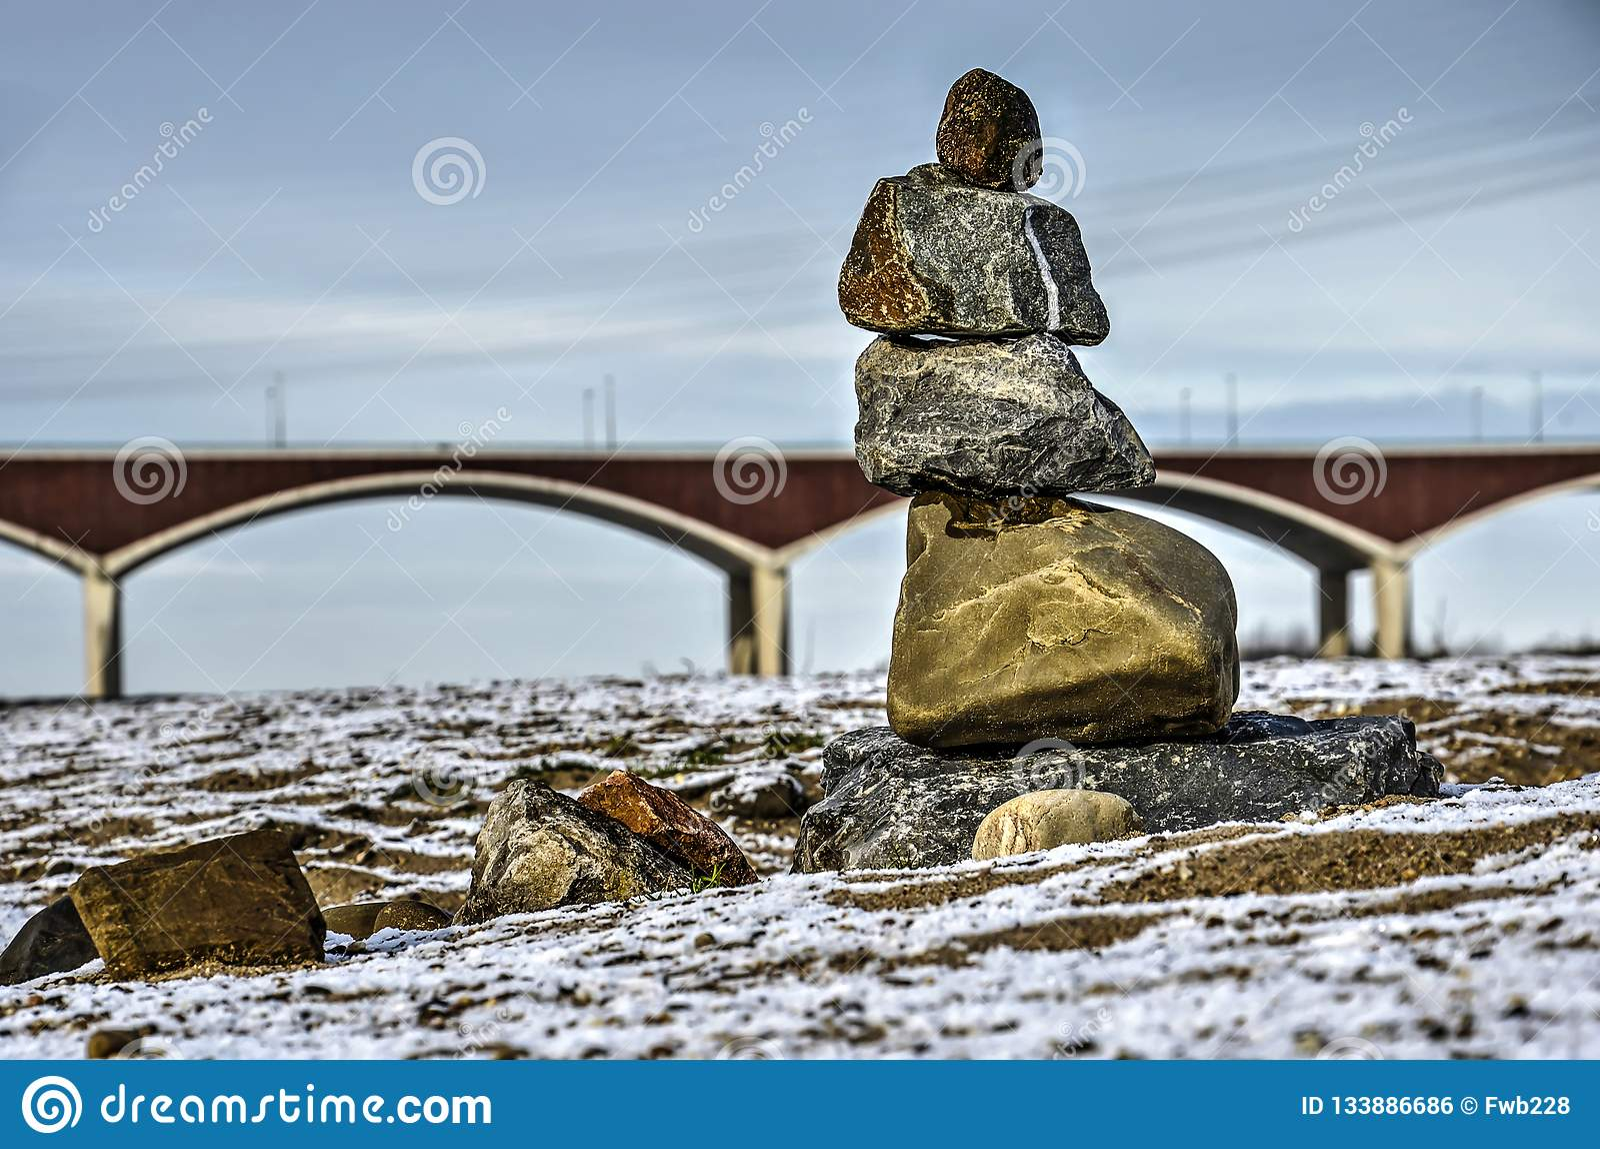 Пирамида из камней и мост на пойме